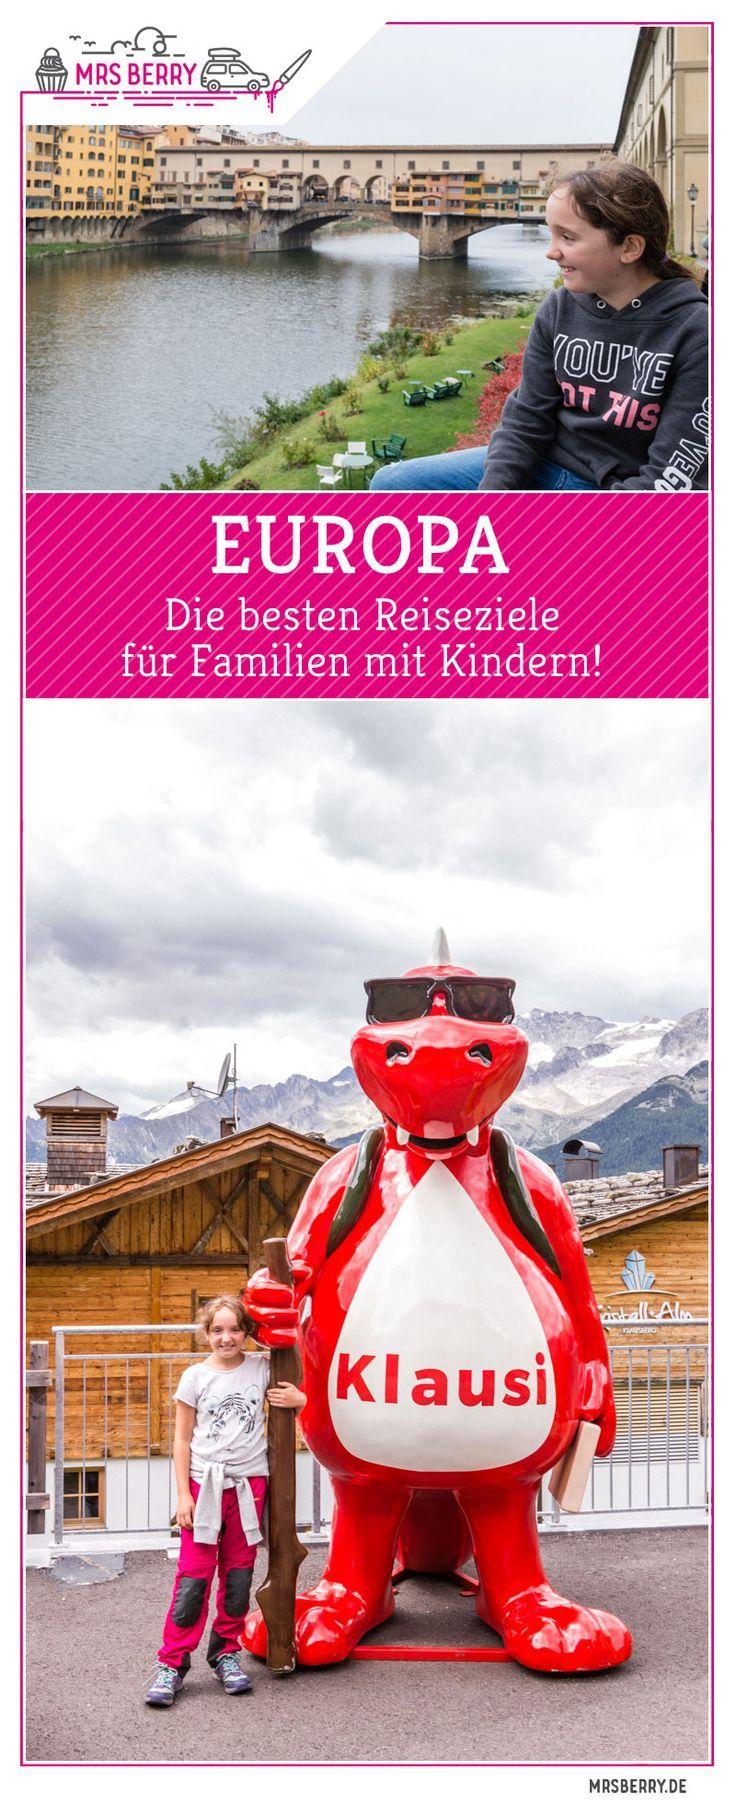 Für den perfekten Familienurlaub muss man nicht bis ans Ende der Welt fliegen, denn auch EUROPA hat viel zu bieten. Wir nehmen dich in unseren Berichten mit auf unsere Reisen und zeigen dir hier im Blog die schönsten Reiseziele für Familien, geben Tipps zu Ausflügen und Wanderungen mit Kindern und stellen besonders kinderfreundliche Hotels vor.